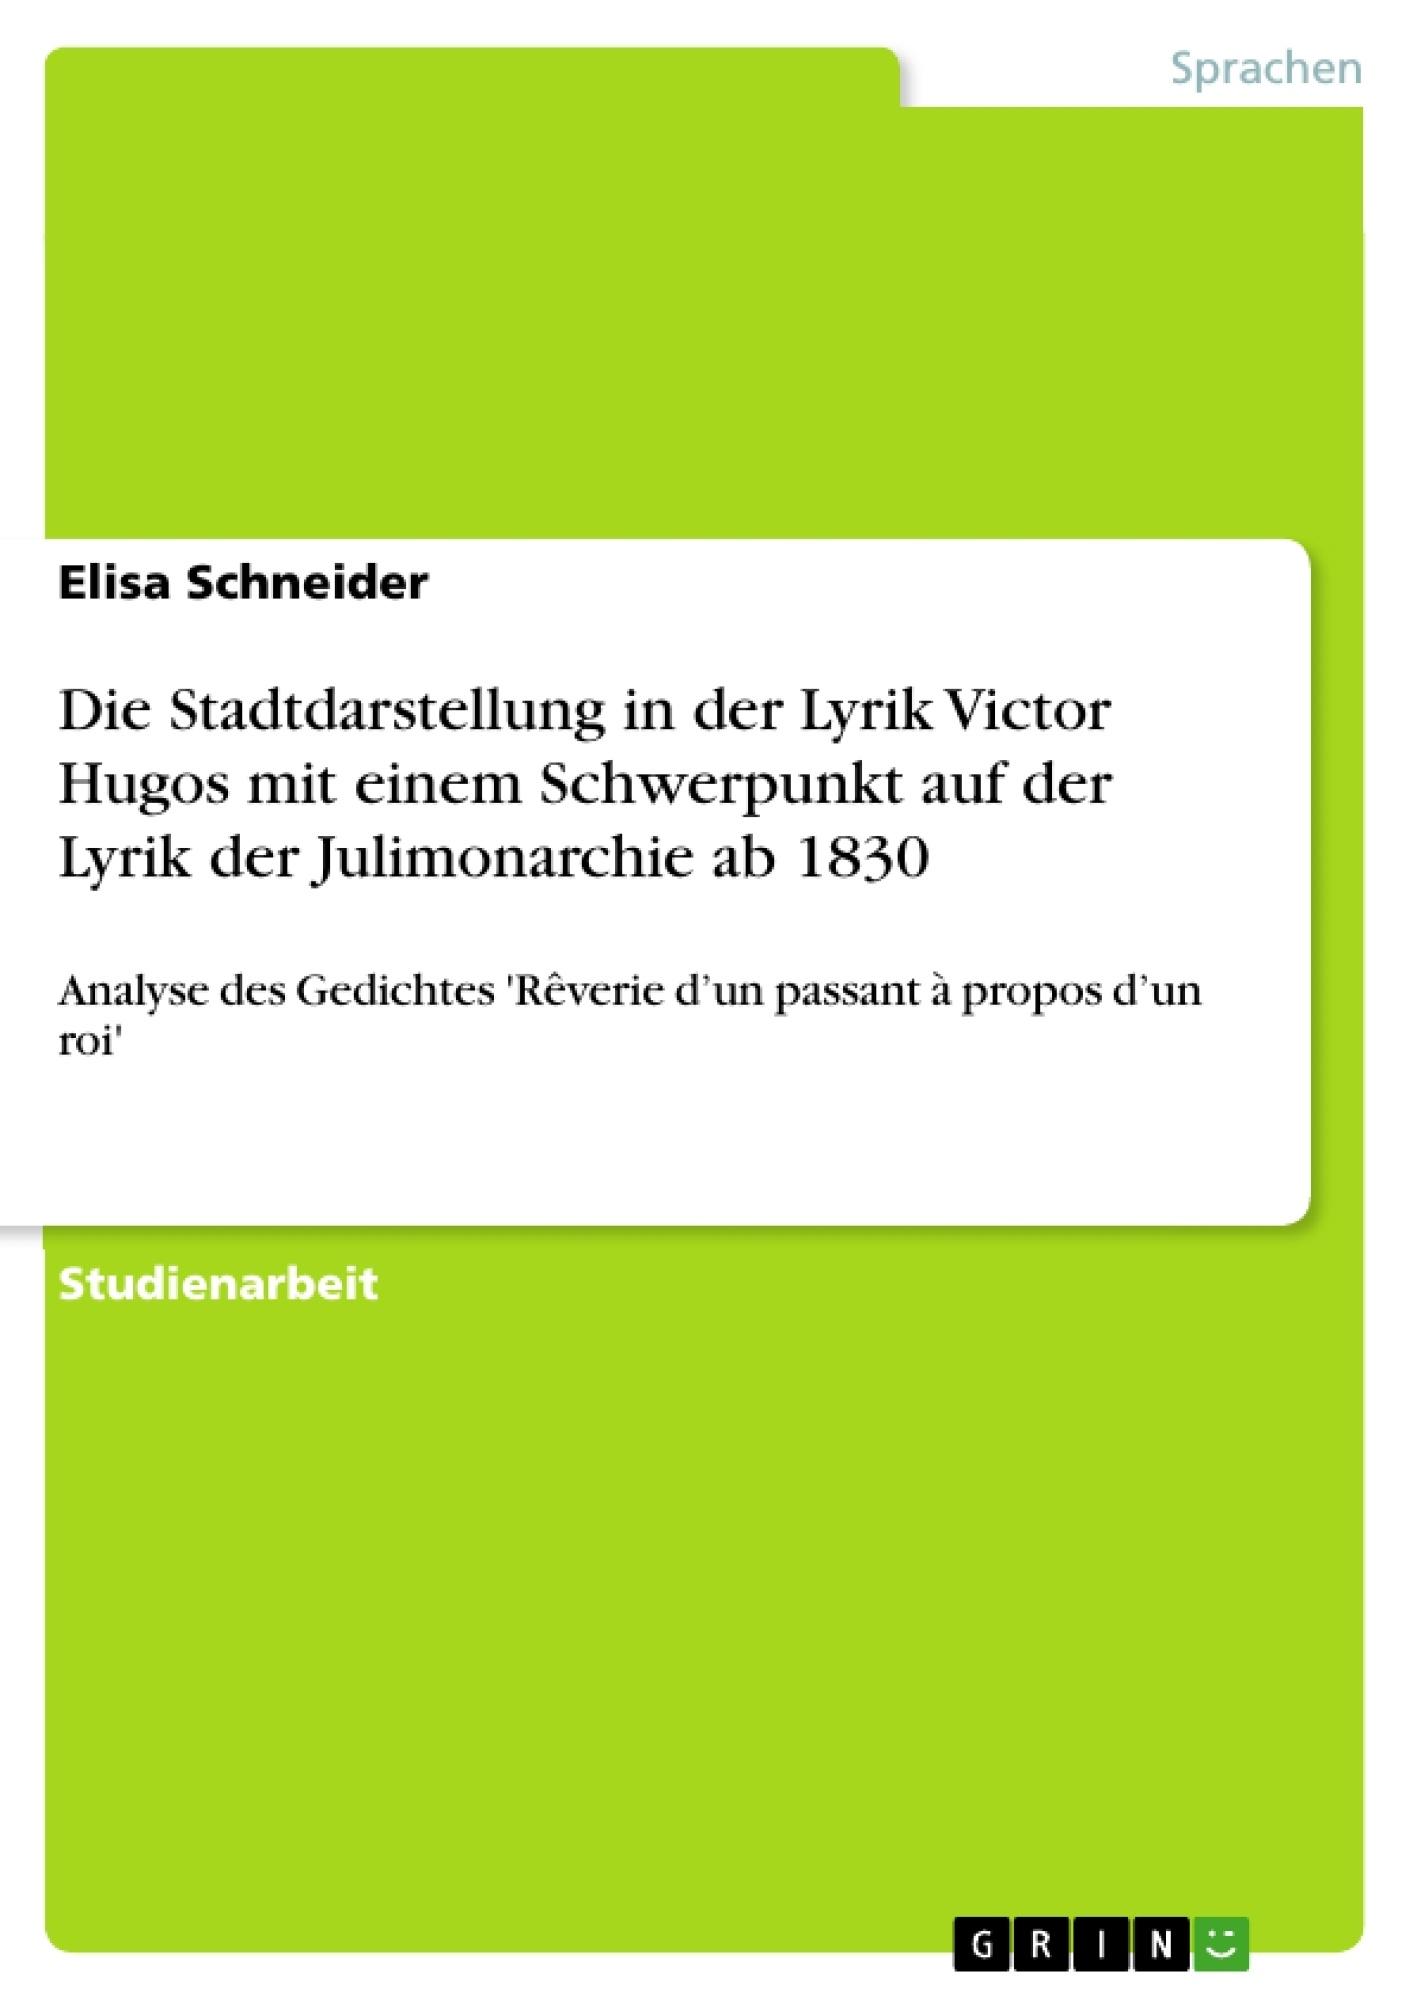 Titel: Die Stadtdarstellung in der Lyrik Victor Hugos mit einem Schwerpunkt auf der Lyrik  der Julimonarchie ab 1830